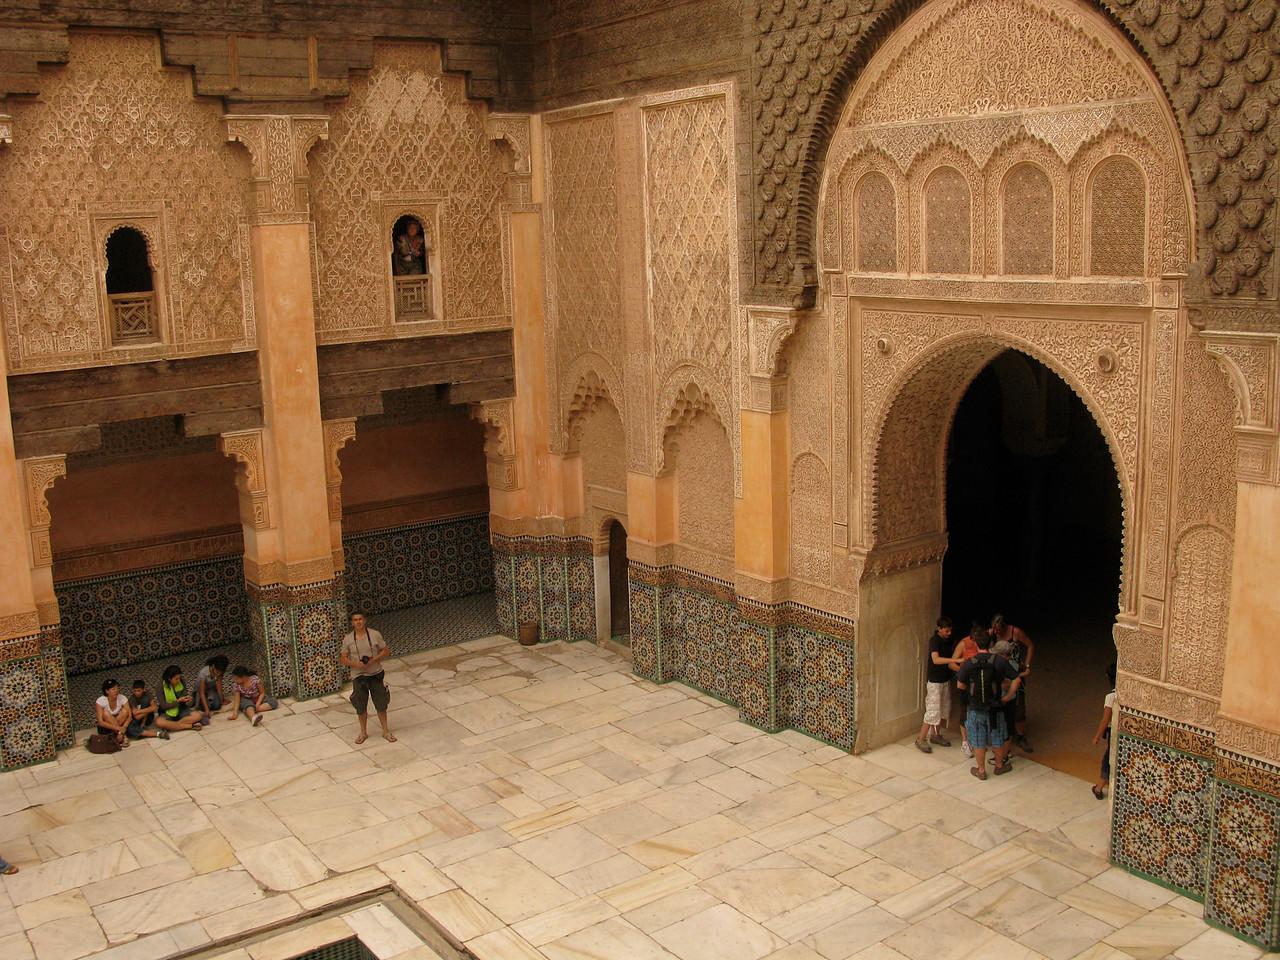 In Marrakesh at the Ben Youssef Medersa